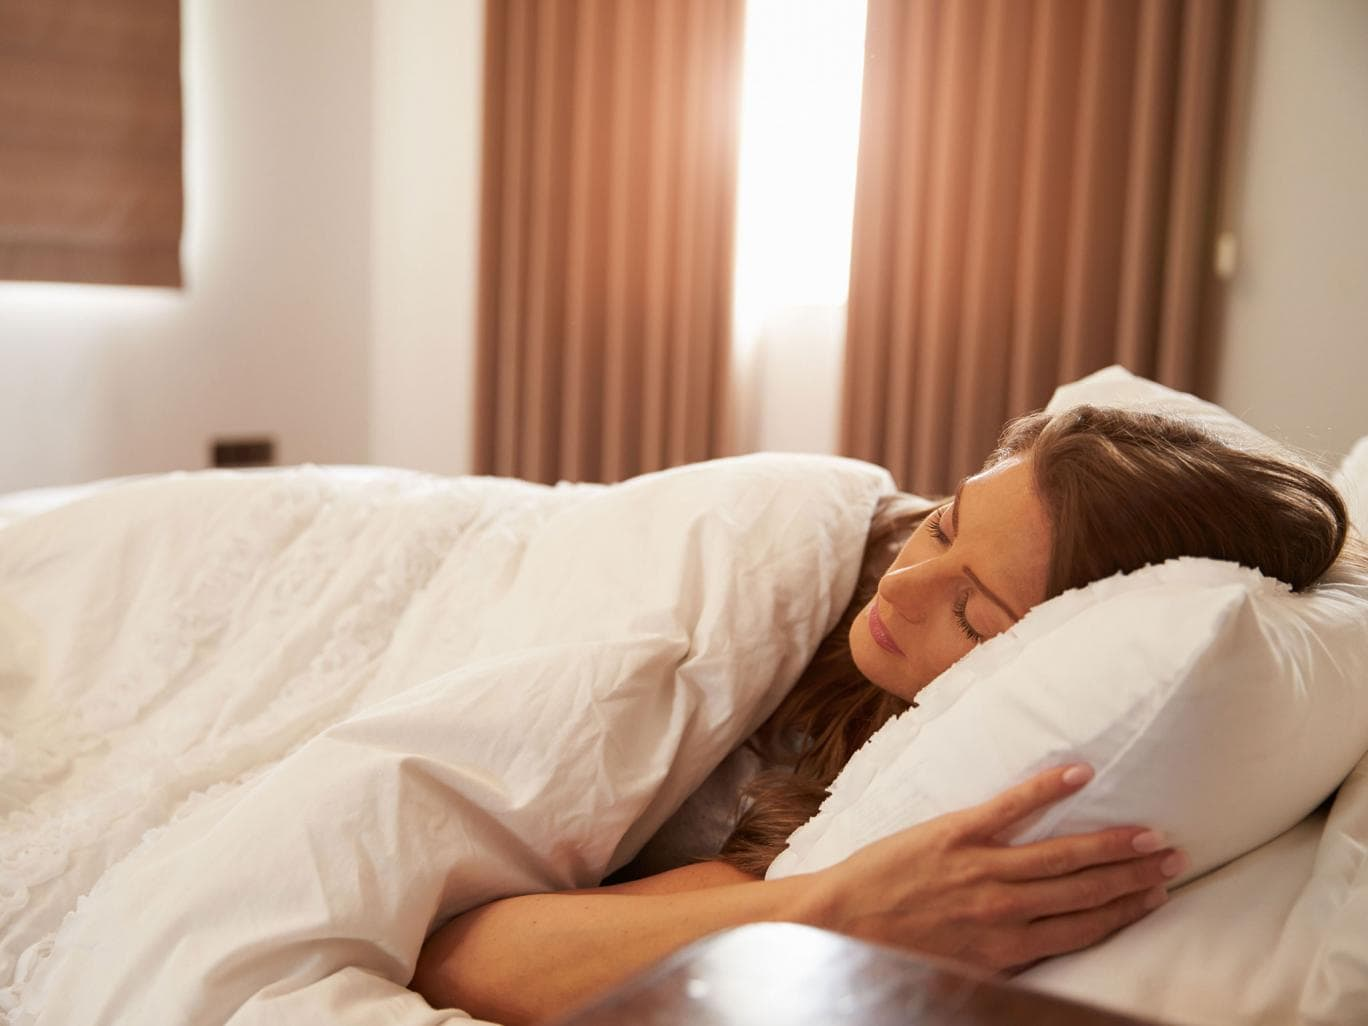 Nên nằm ngủ thẳng, để gối hơi cao để tránh mắt bị tụ máu